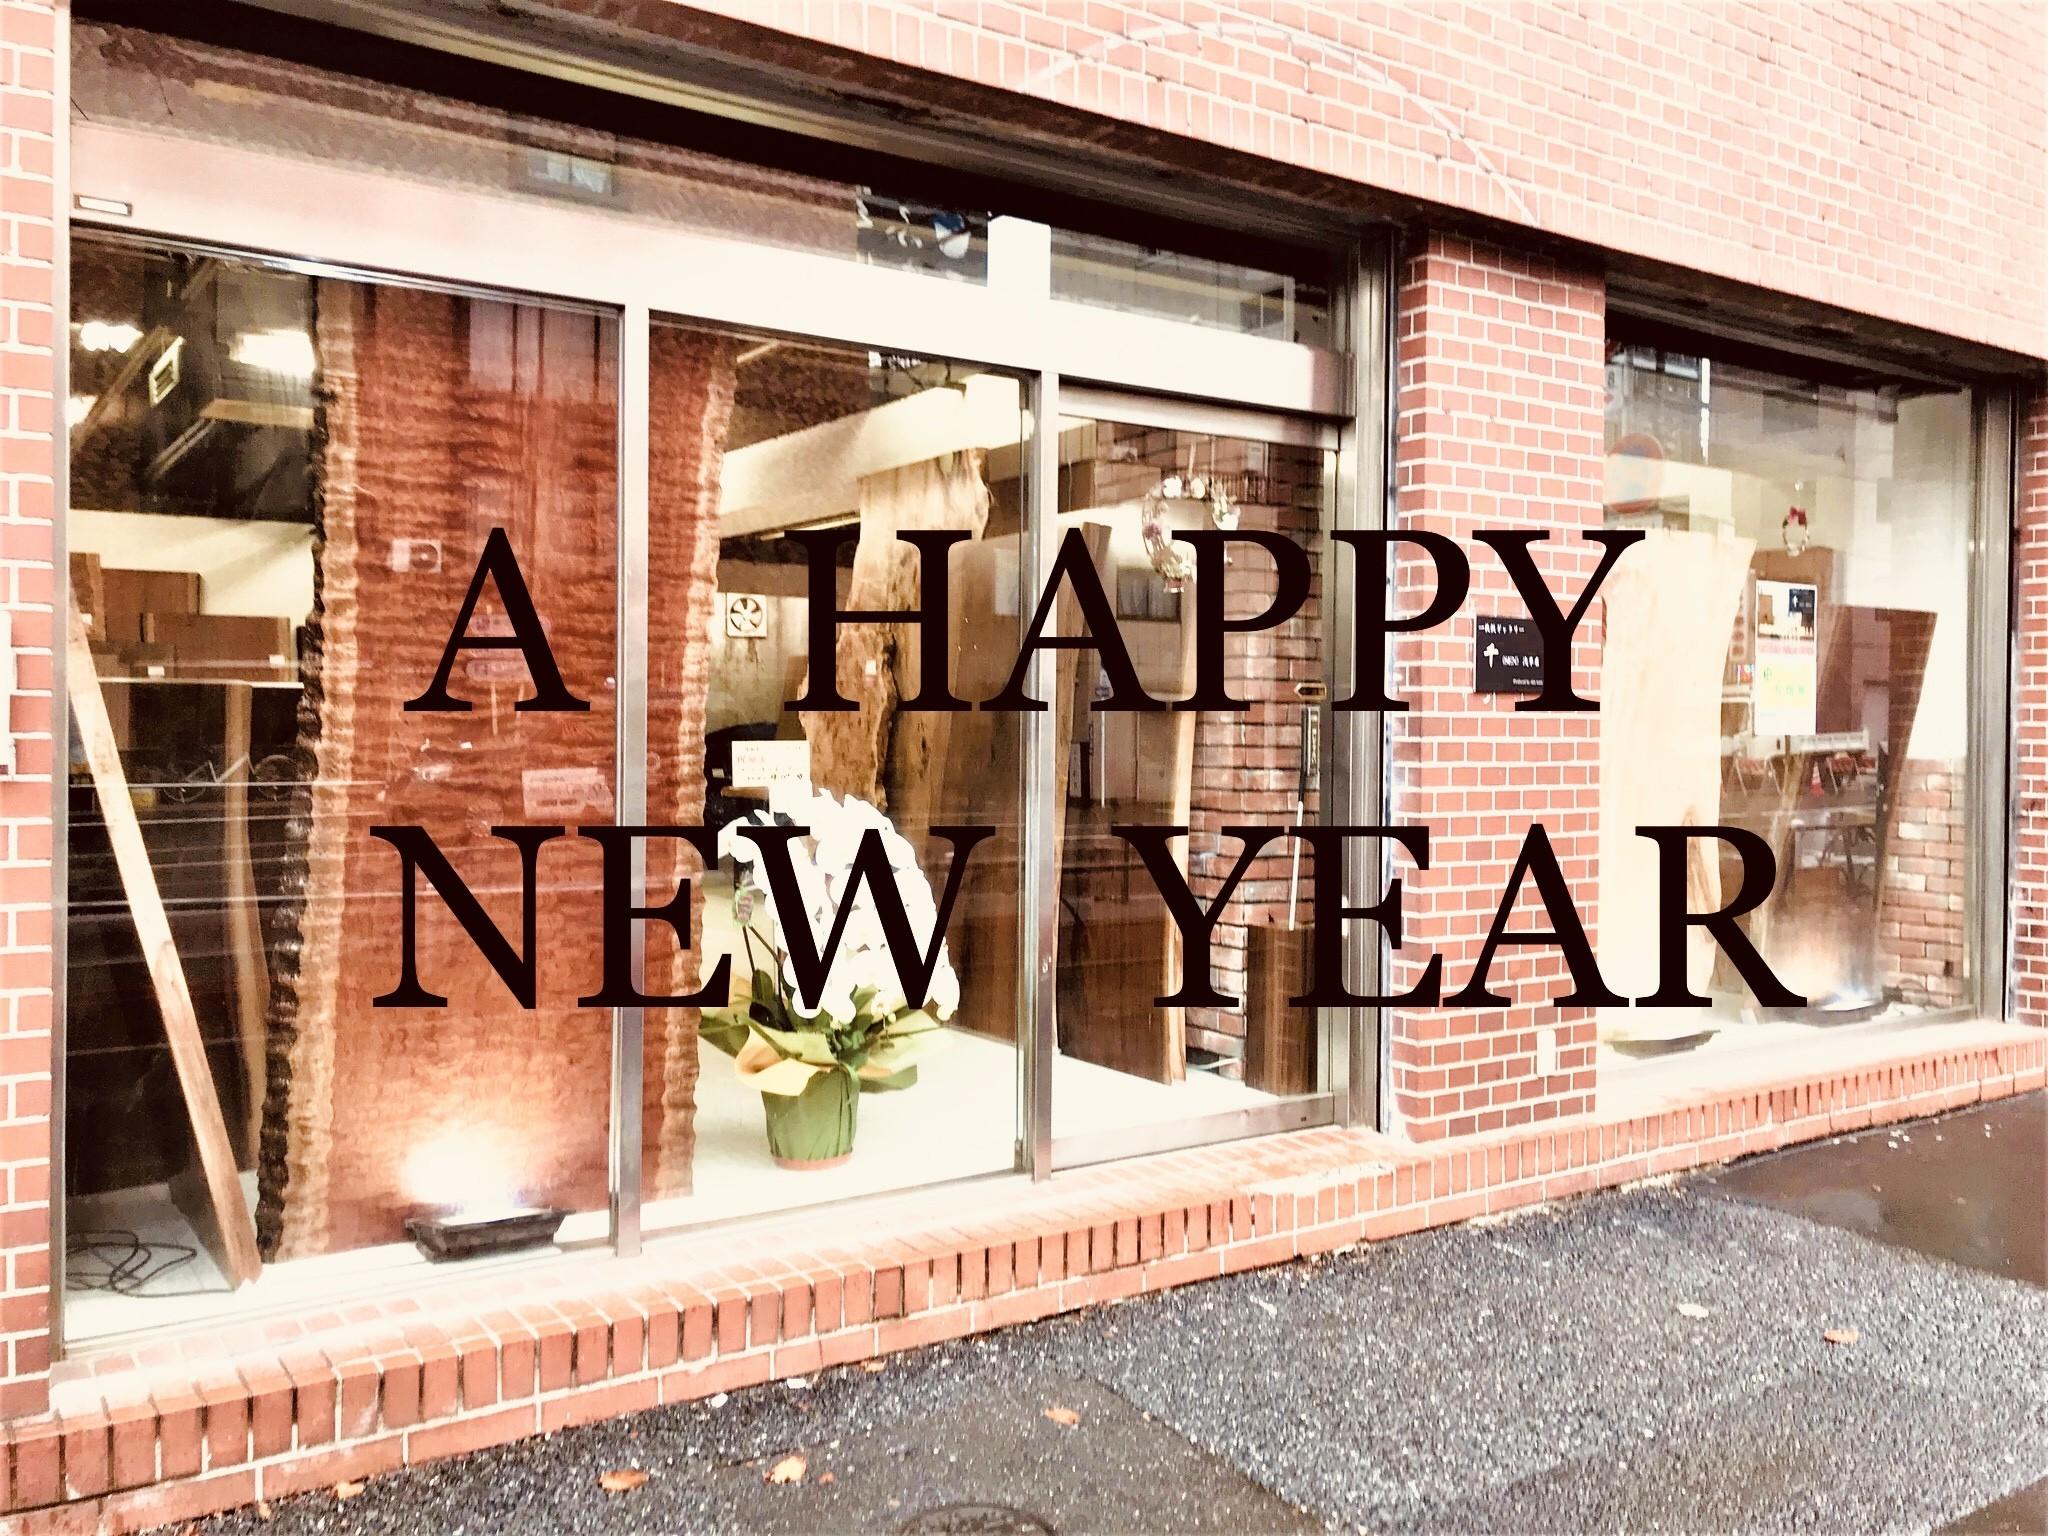 謹賀新年〜新年明けましておめでとうございます!